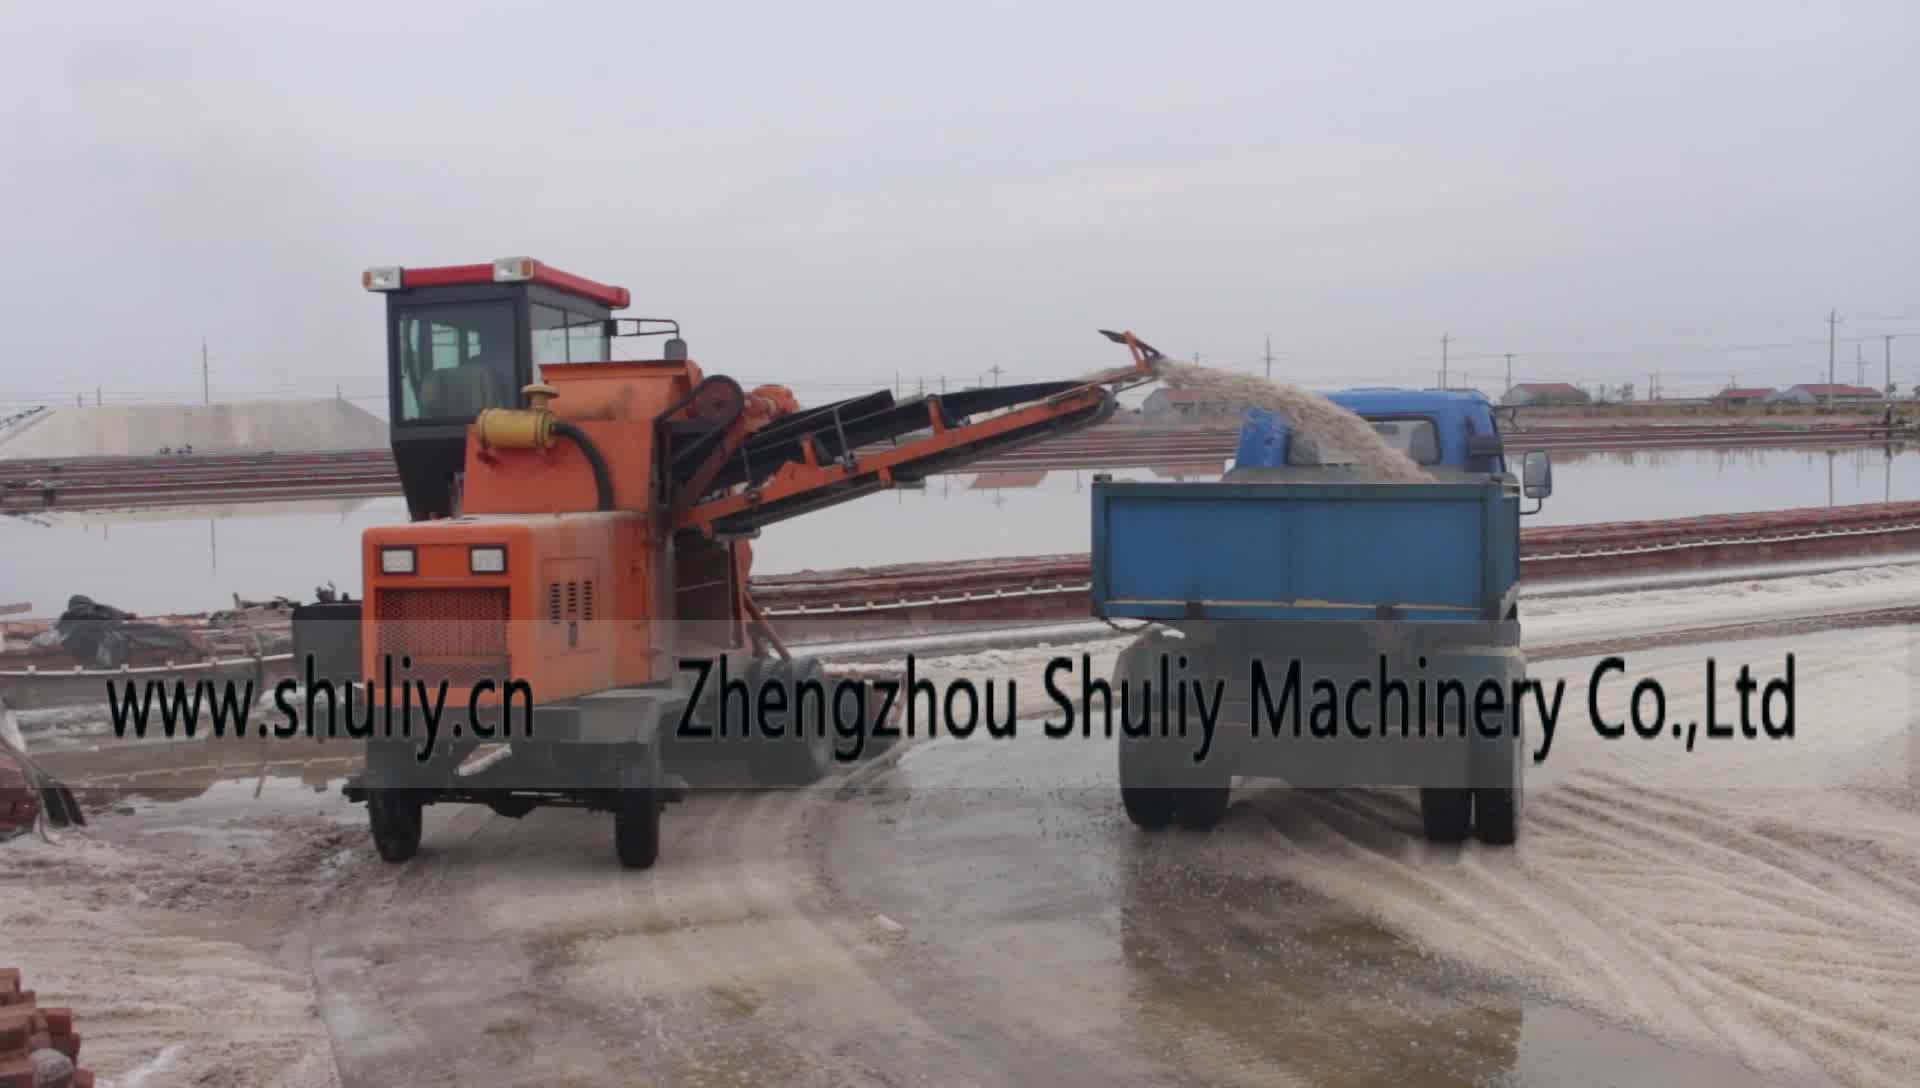 Venta caliente en China, cerca de sal de mar de trituración y de procesamiento de máquina combinada sal equipo